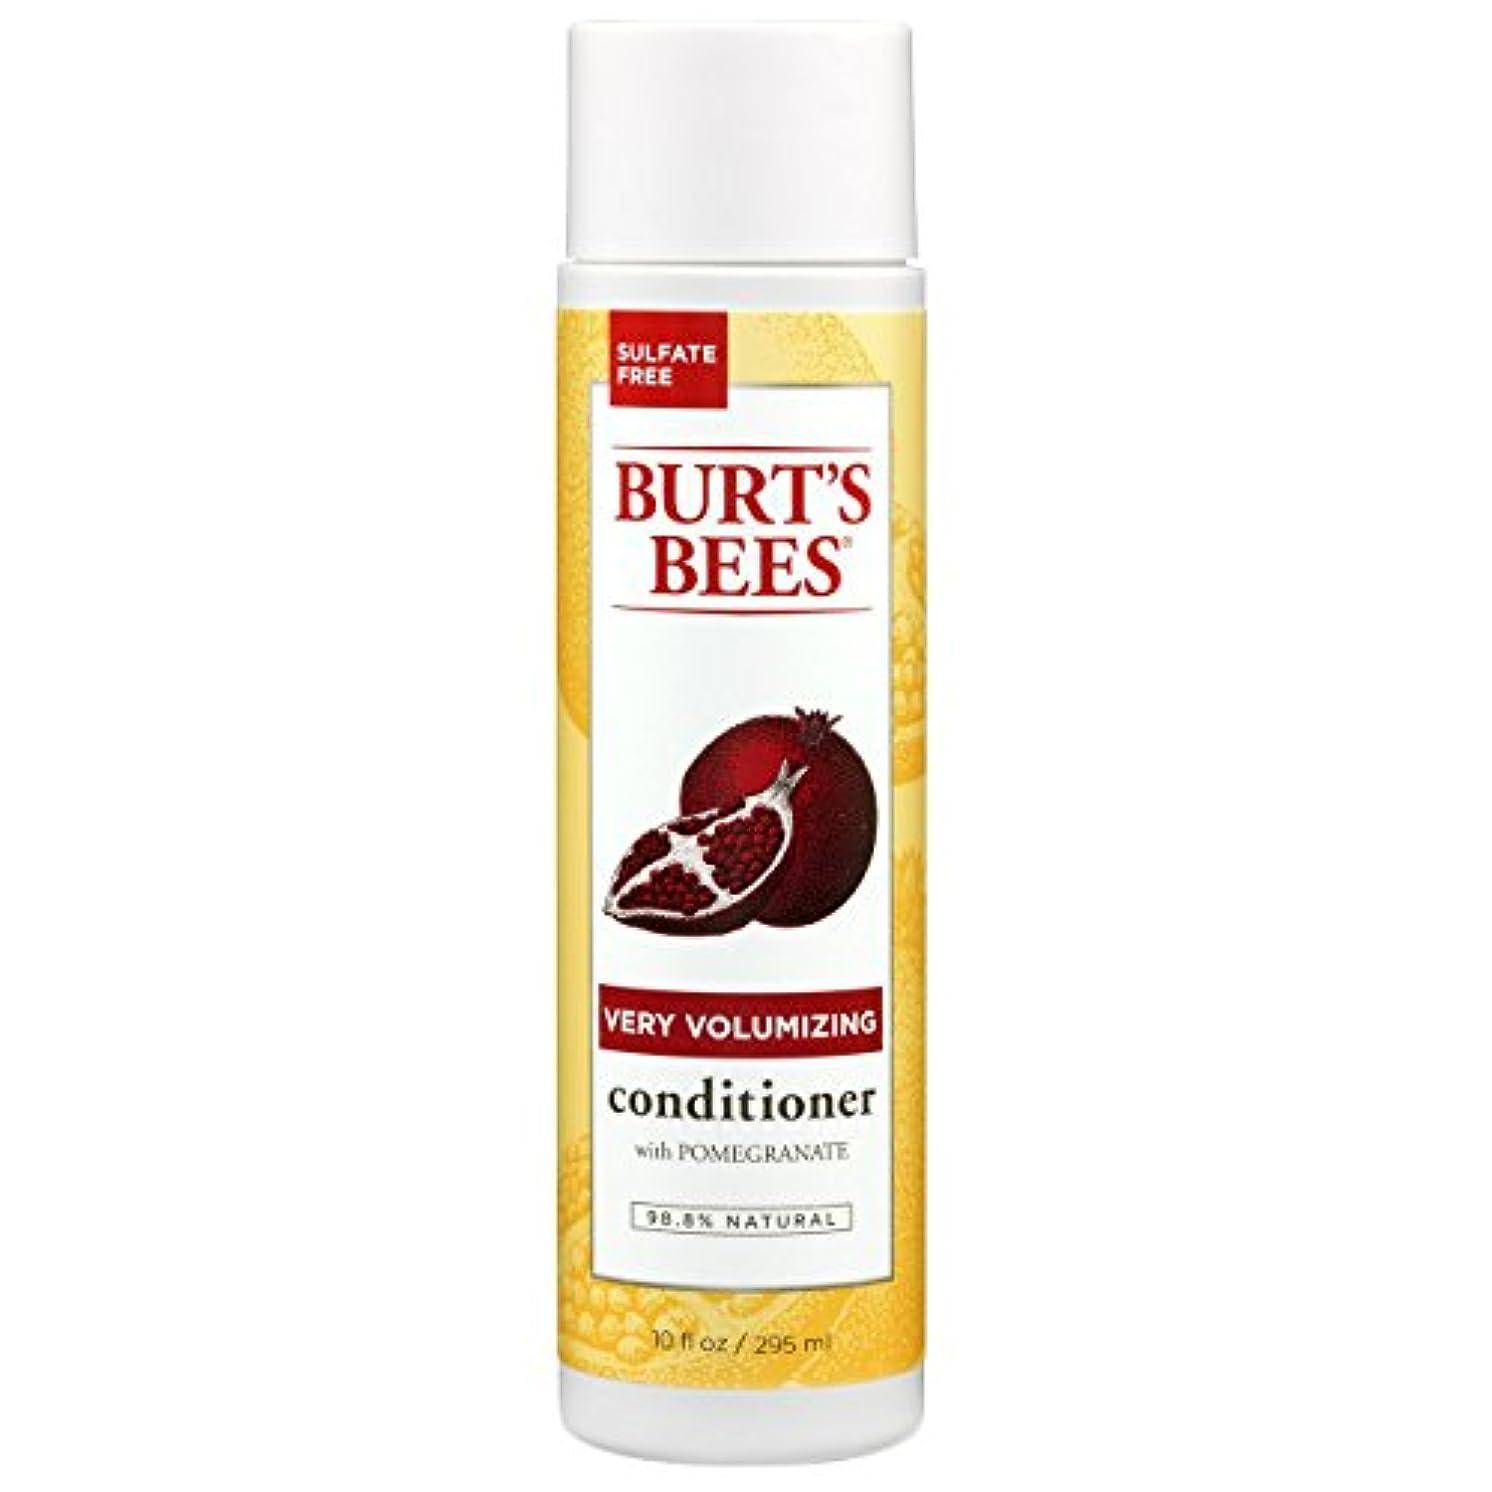 によるとブロー吸い込むバーツビーズ ポメグラネイト コンディショナー 295ml Burt's Bees